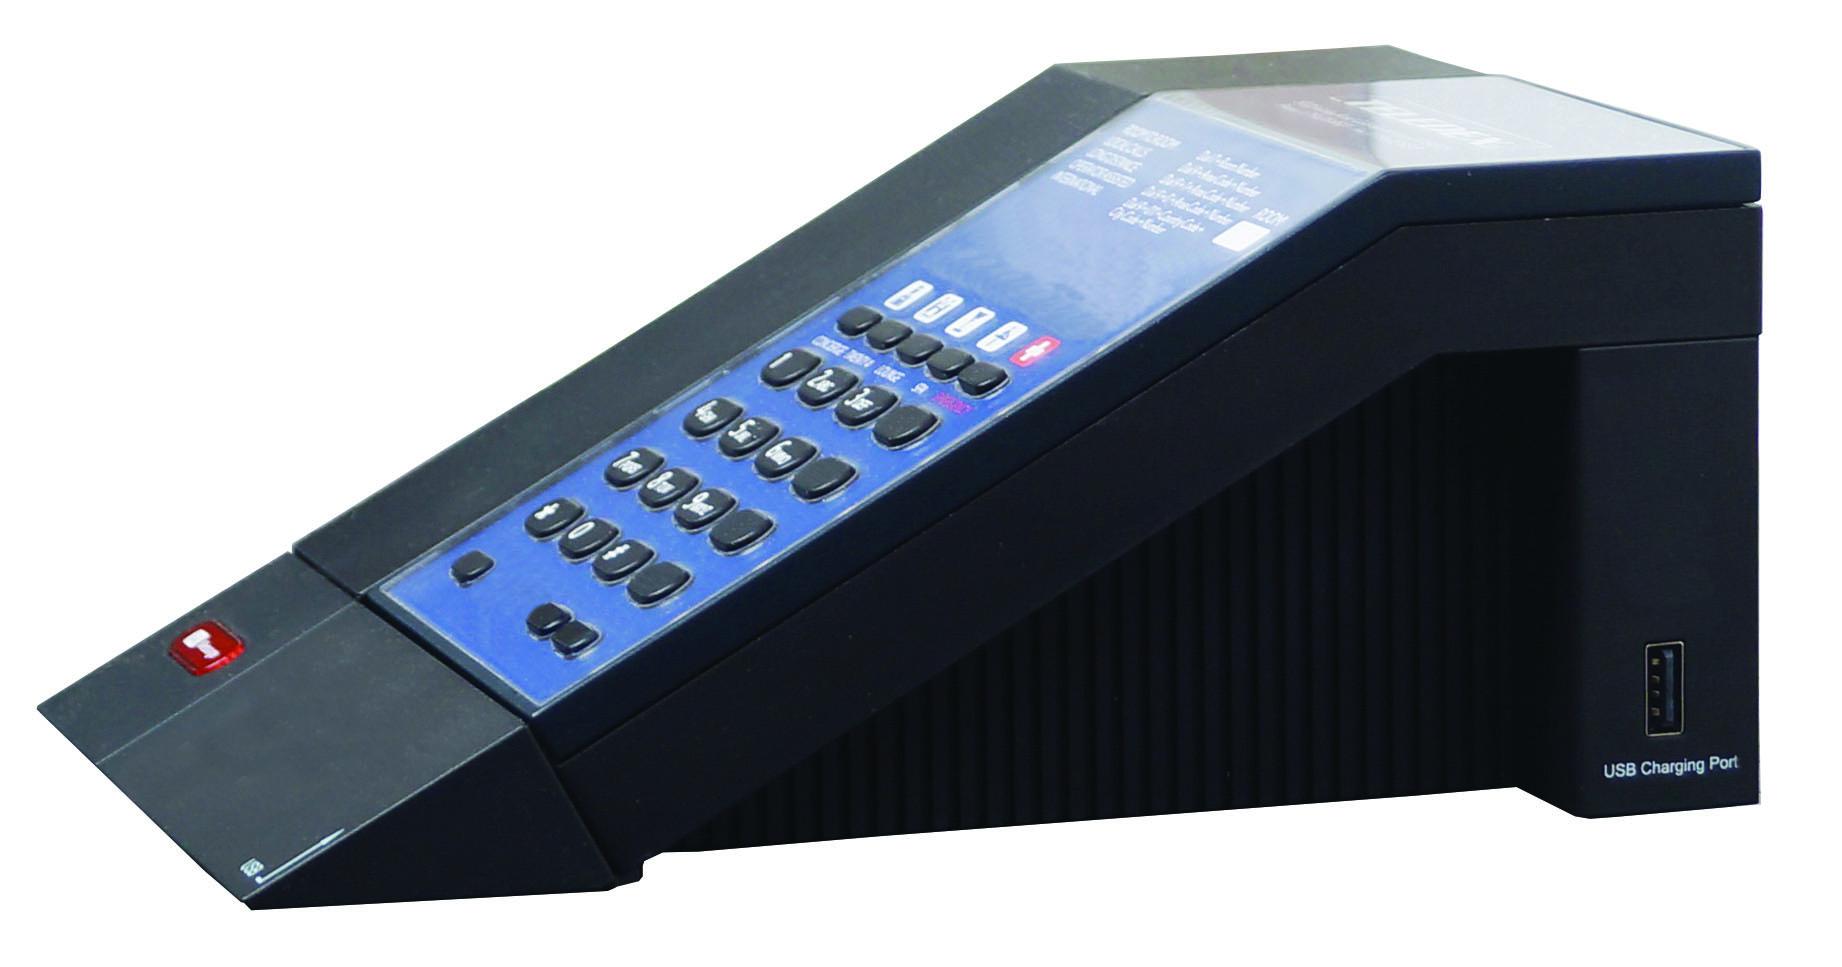 Teledex M103 IP phone